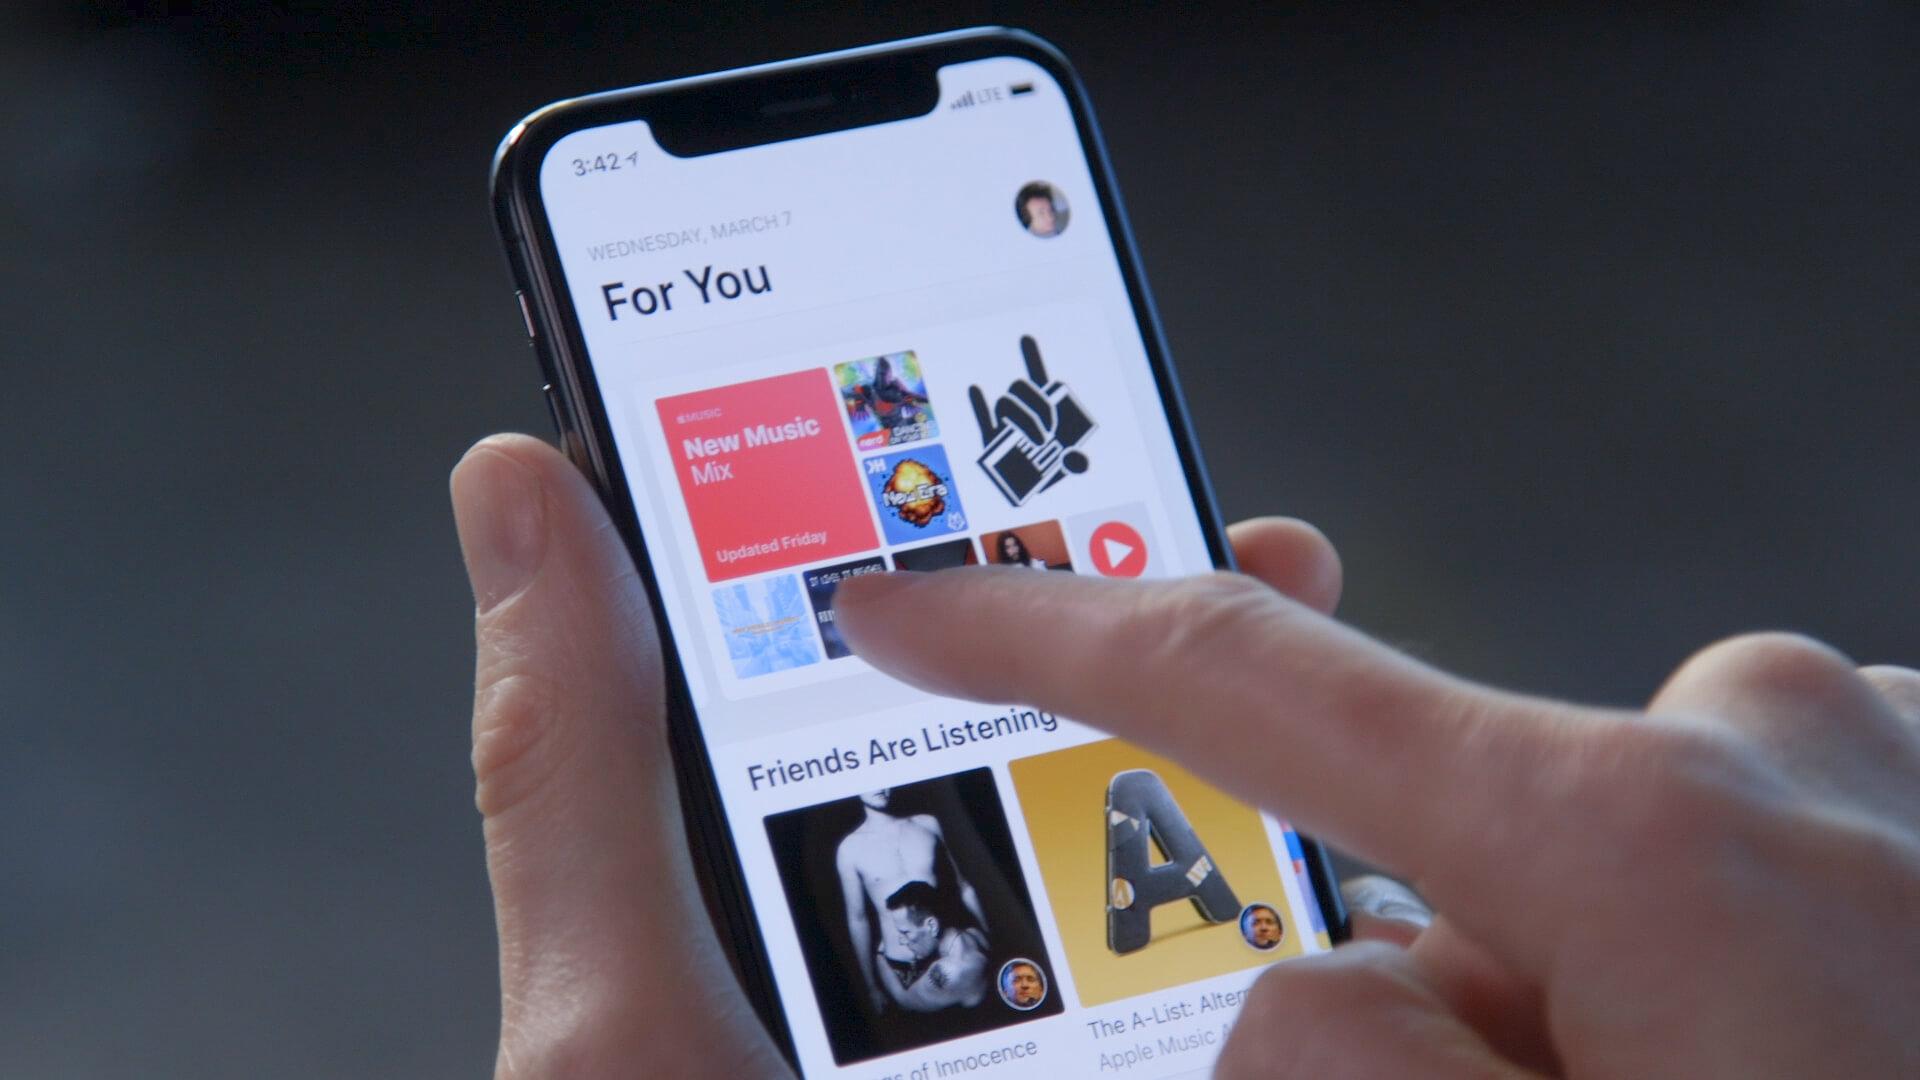 В Apple Music появилась возможность дарить один месяц бесплатной подписки